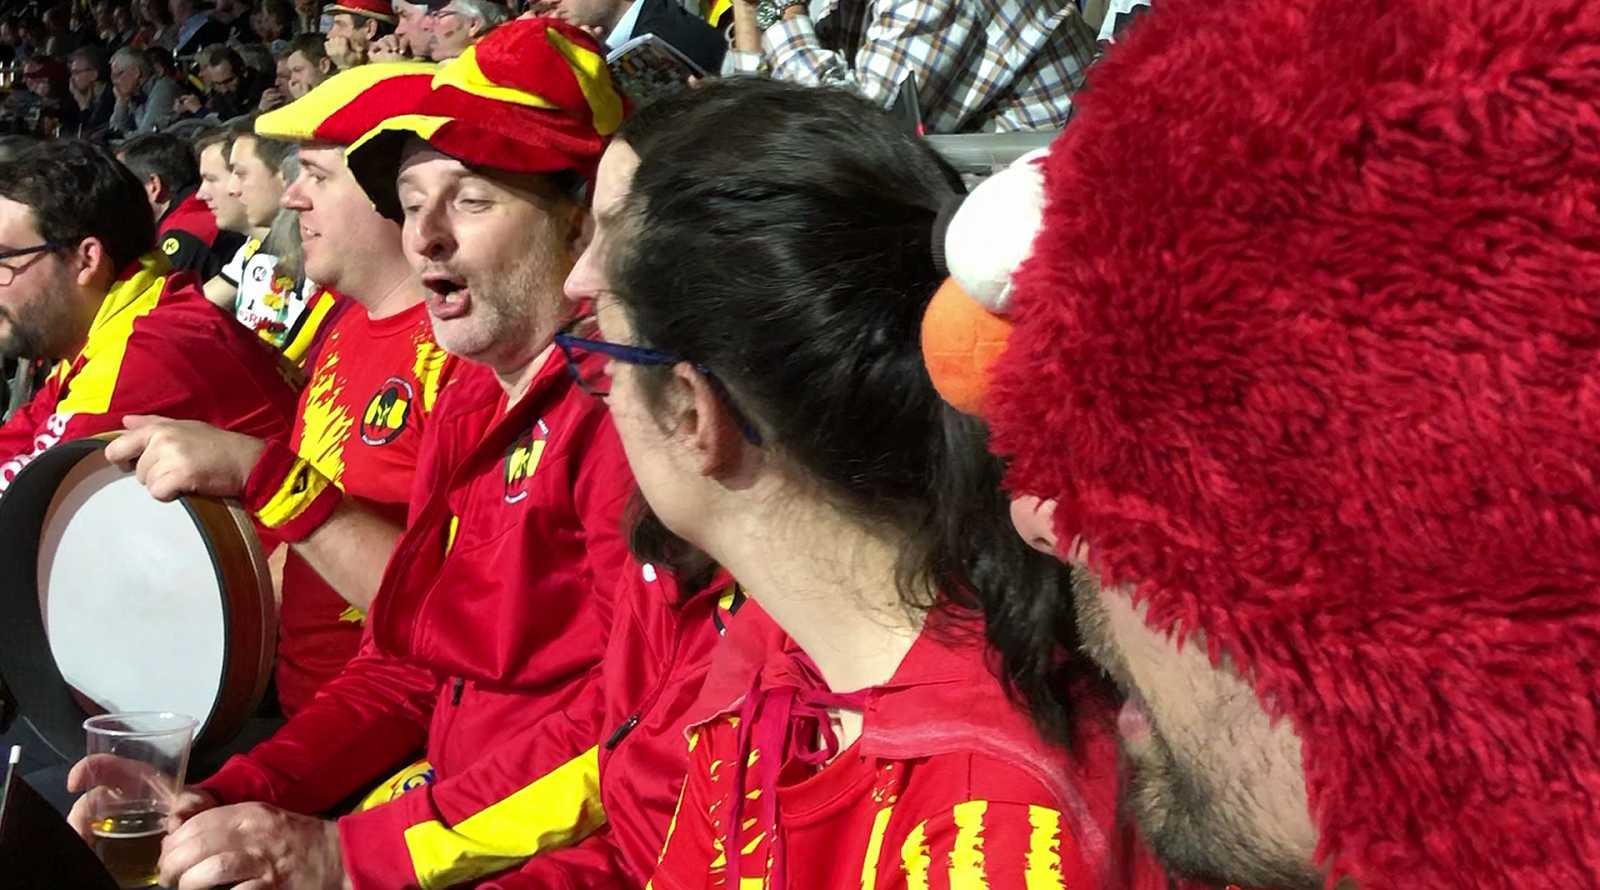 Poco más de una docena de aficionados venidos desde España desafían al frío alemán para animar, aún en minoría, a la selección española de balonmano en el Mundial de Balonmano de Alemania y Dinamarca 2019